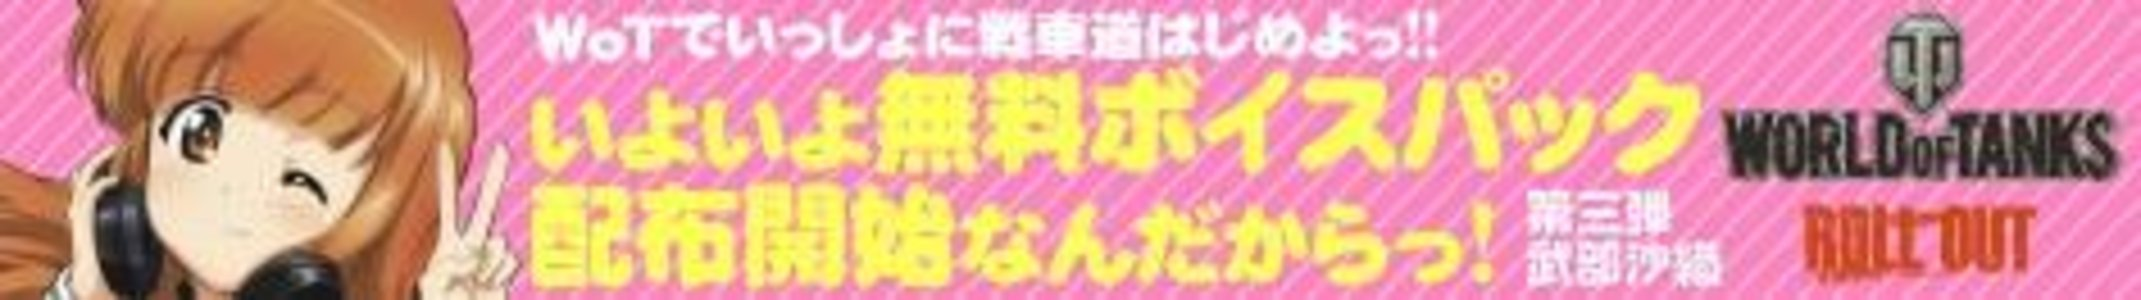 ハートフル・ラビット・ファンミーティング@大洗